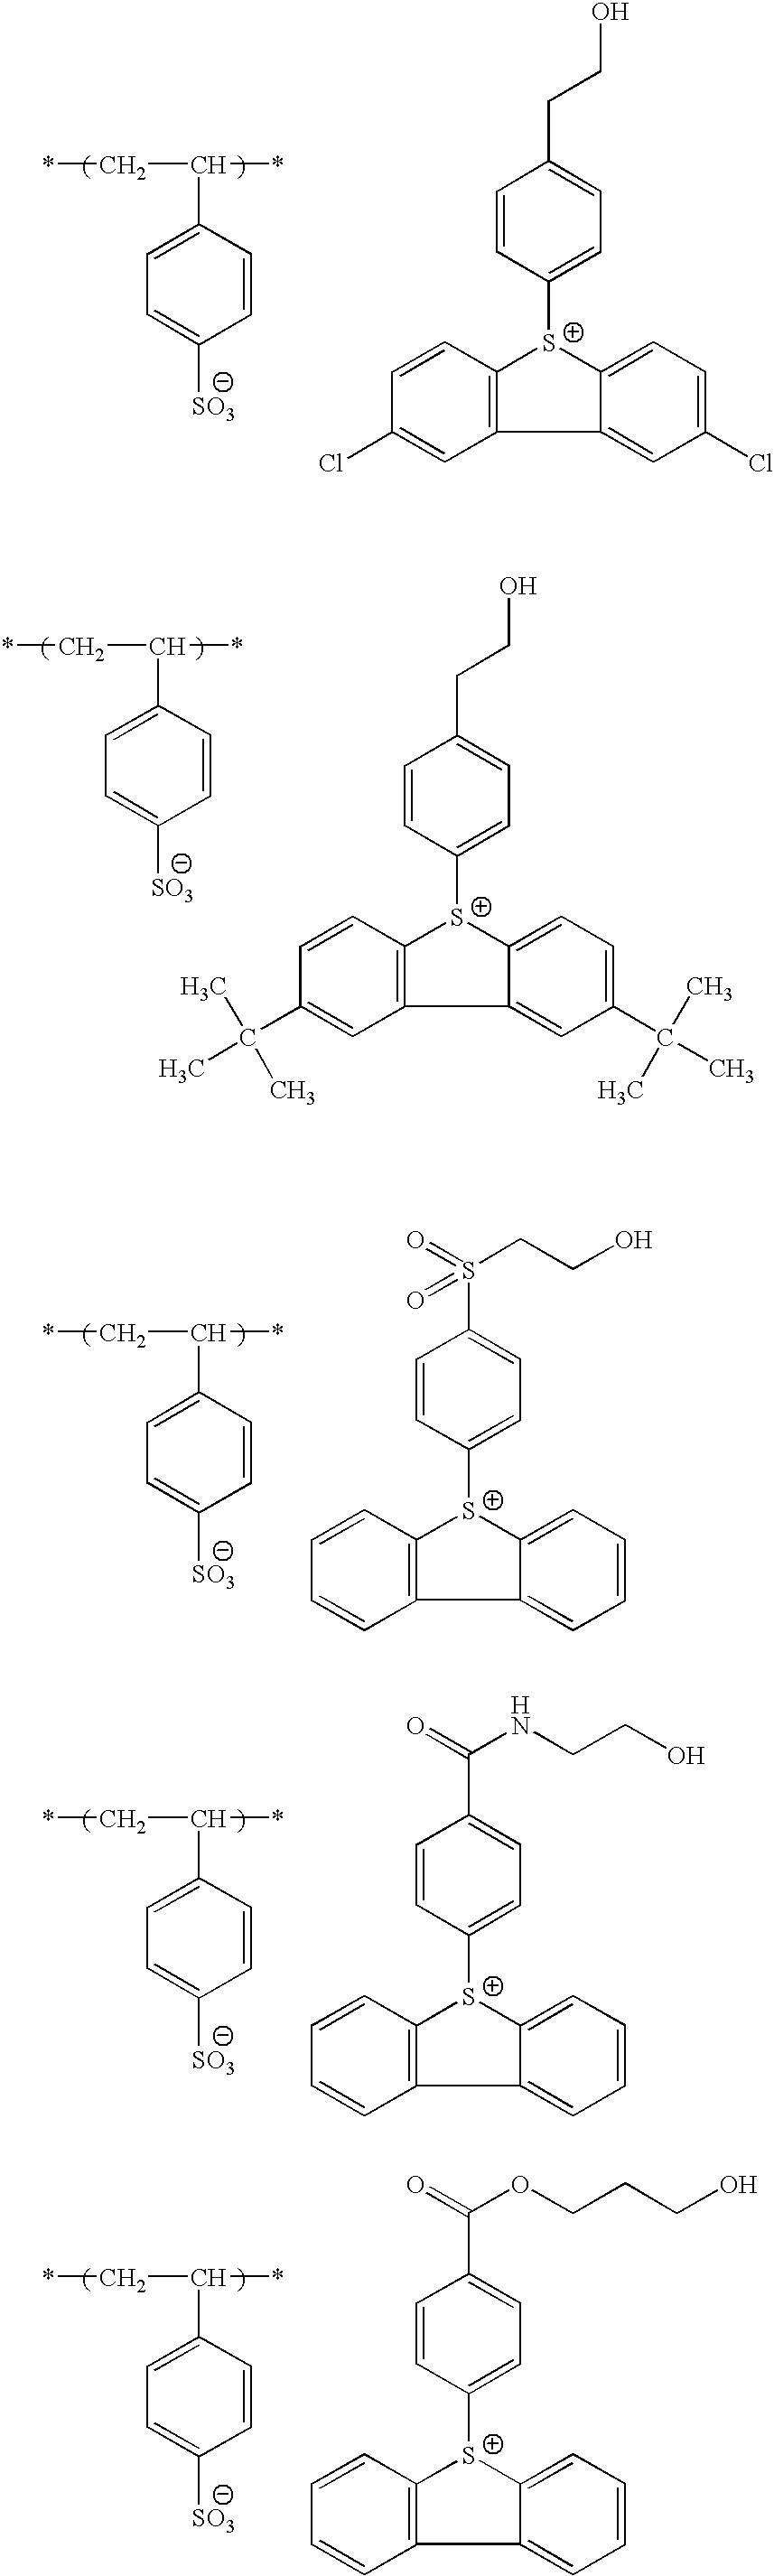 Figure US20100183975A1-20100722-C00055